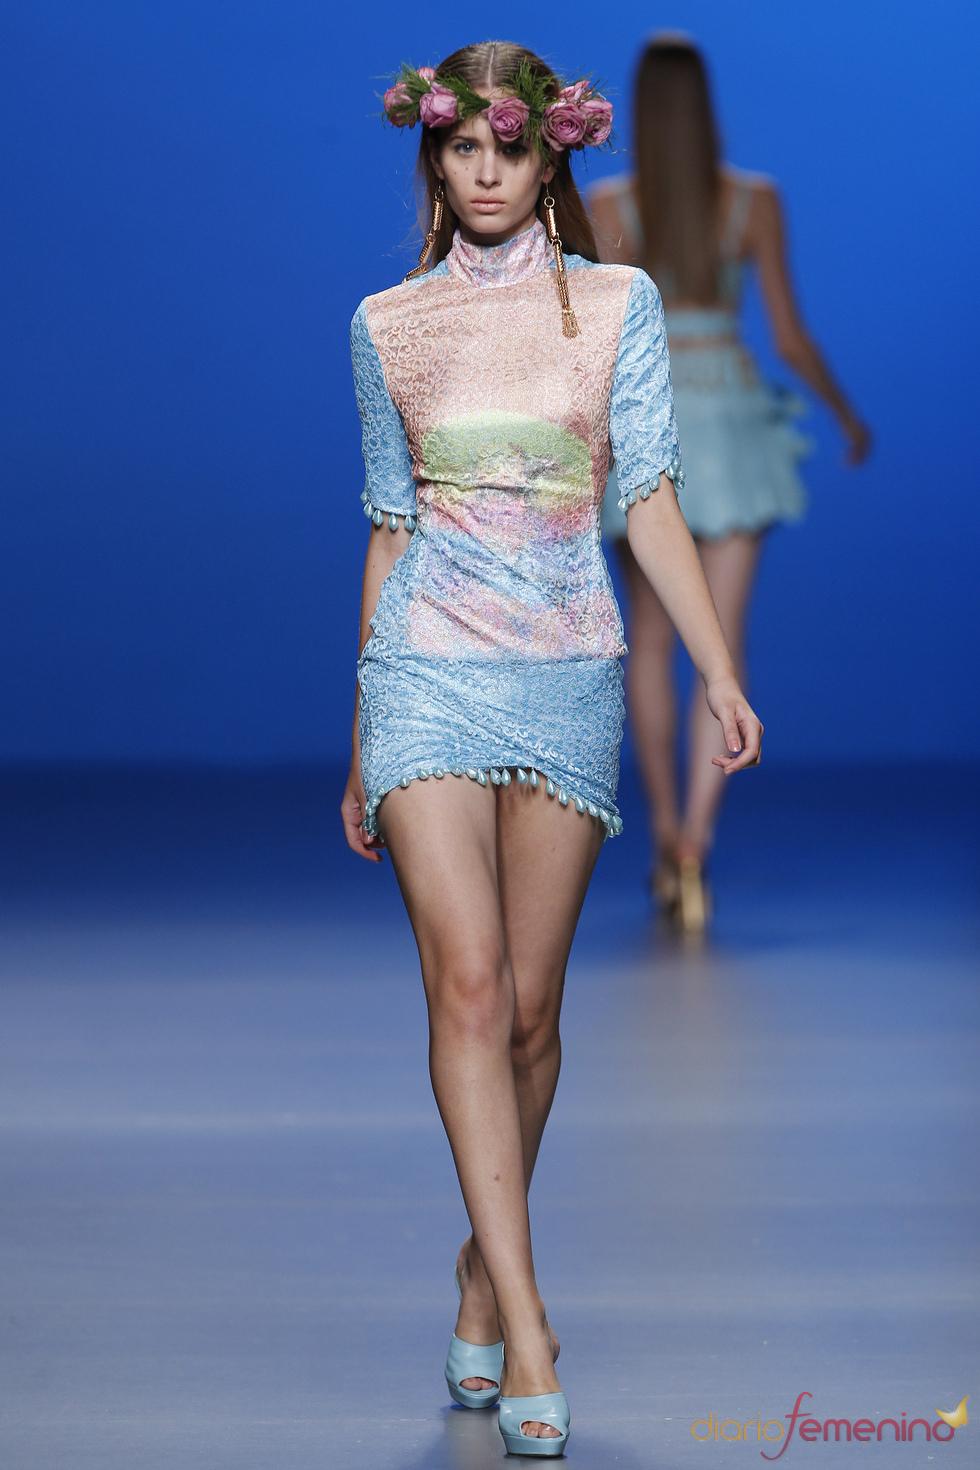 María escoté arriesga con estampados de cristos en la Madrid Fashion Week